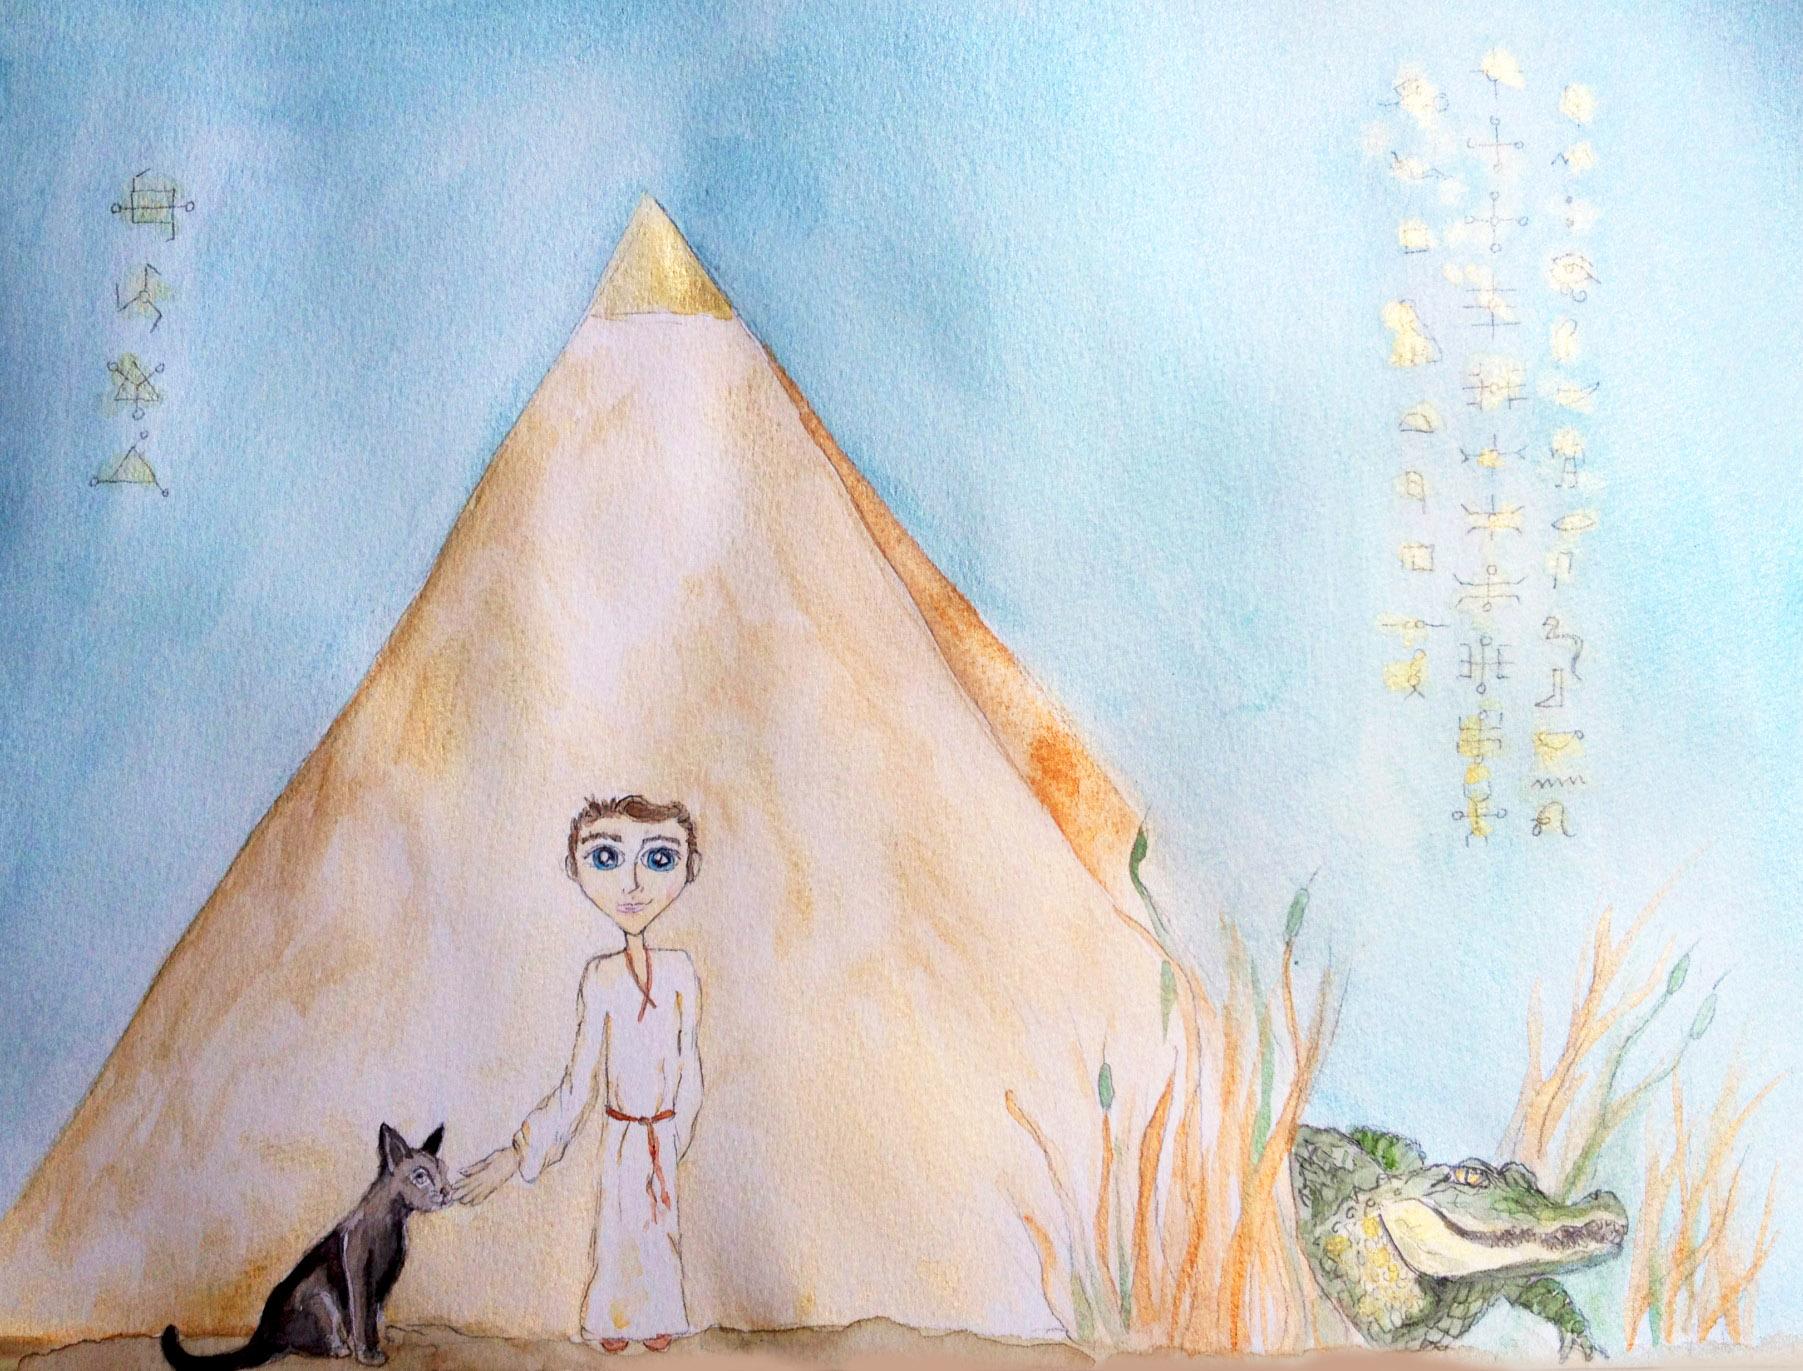 Felix, Architect of New Egypt